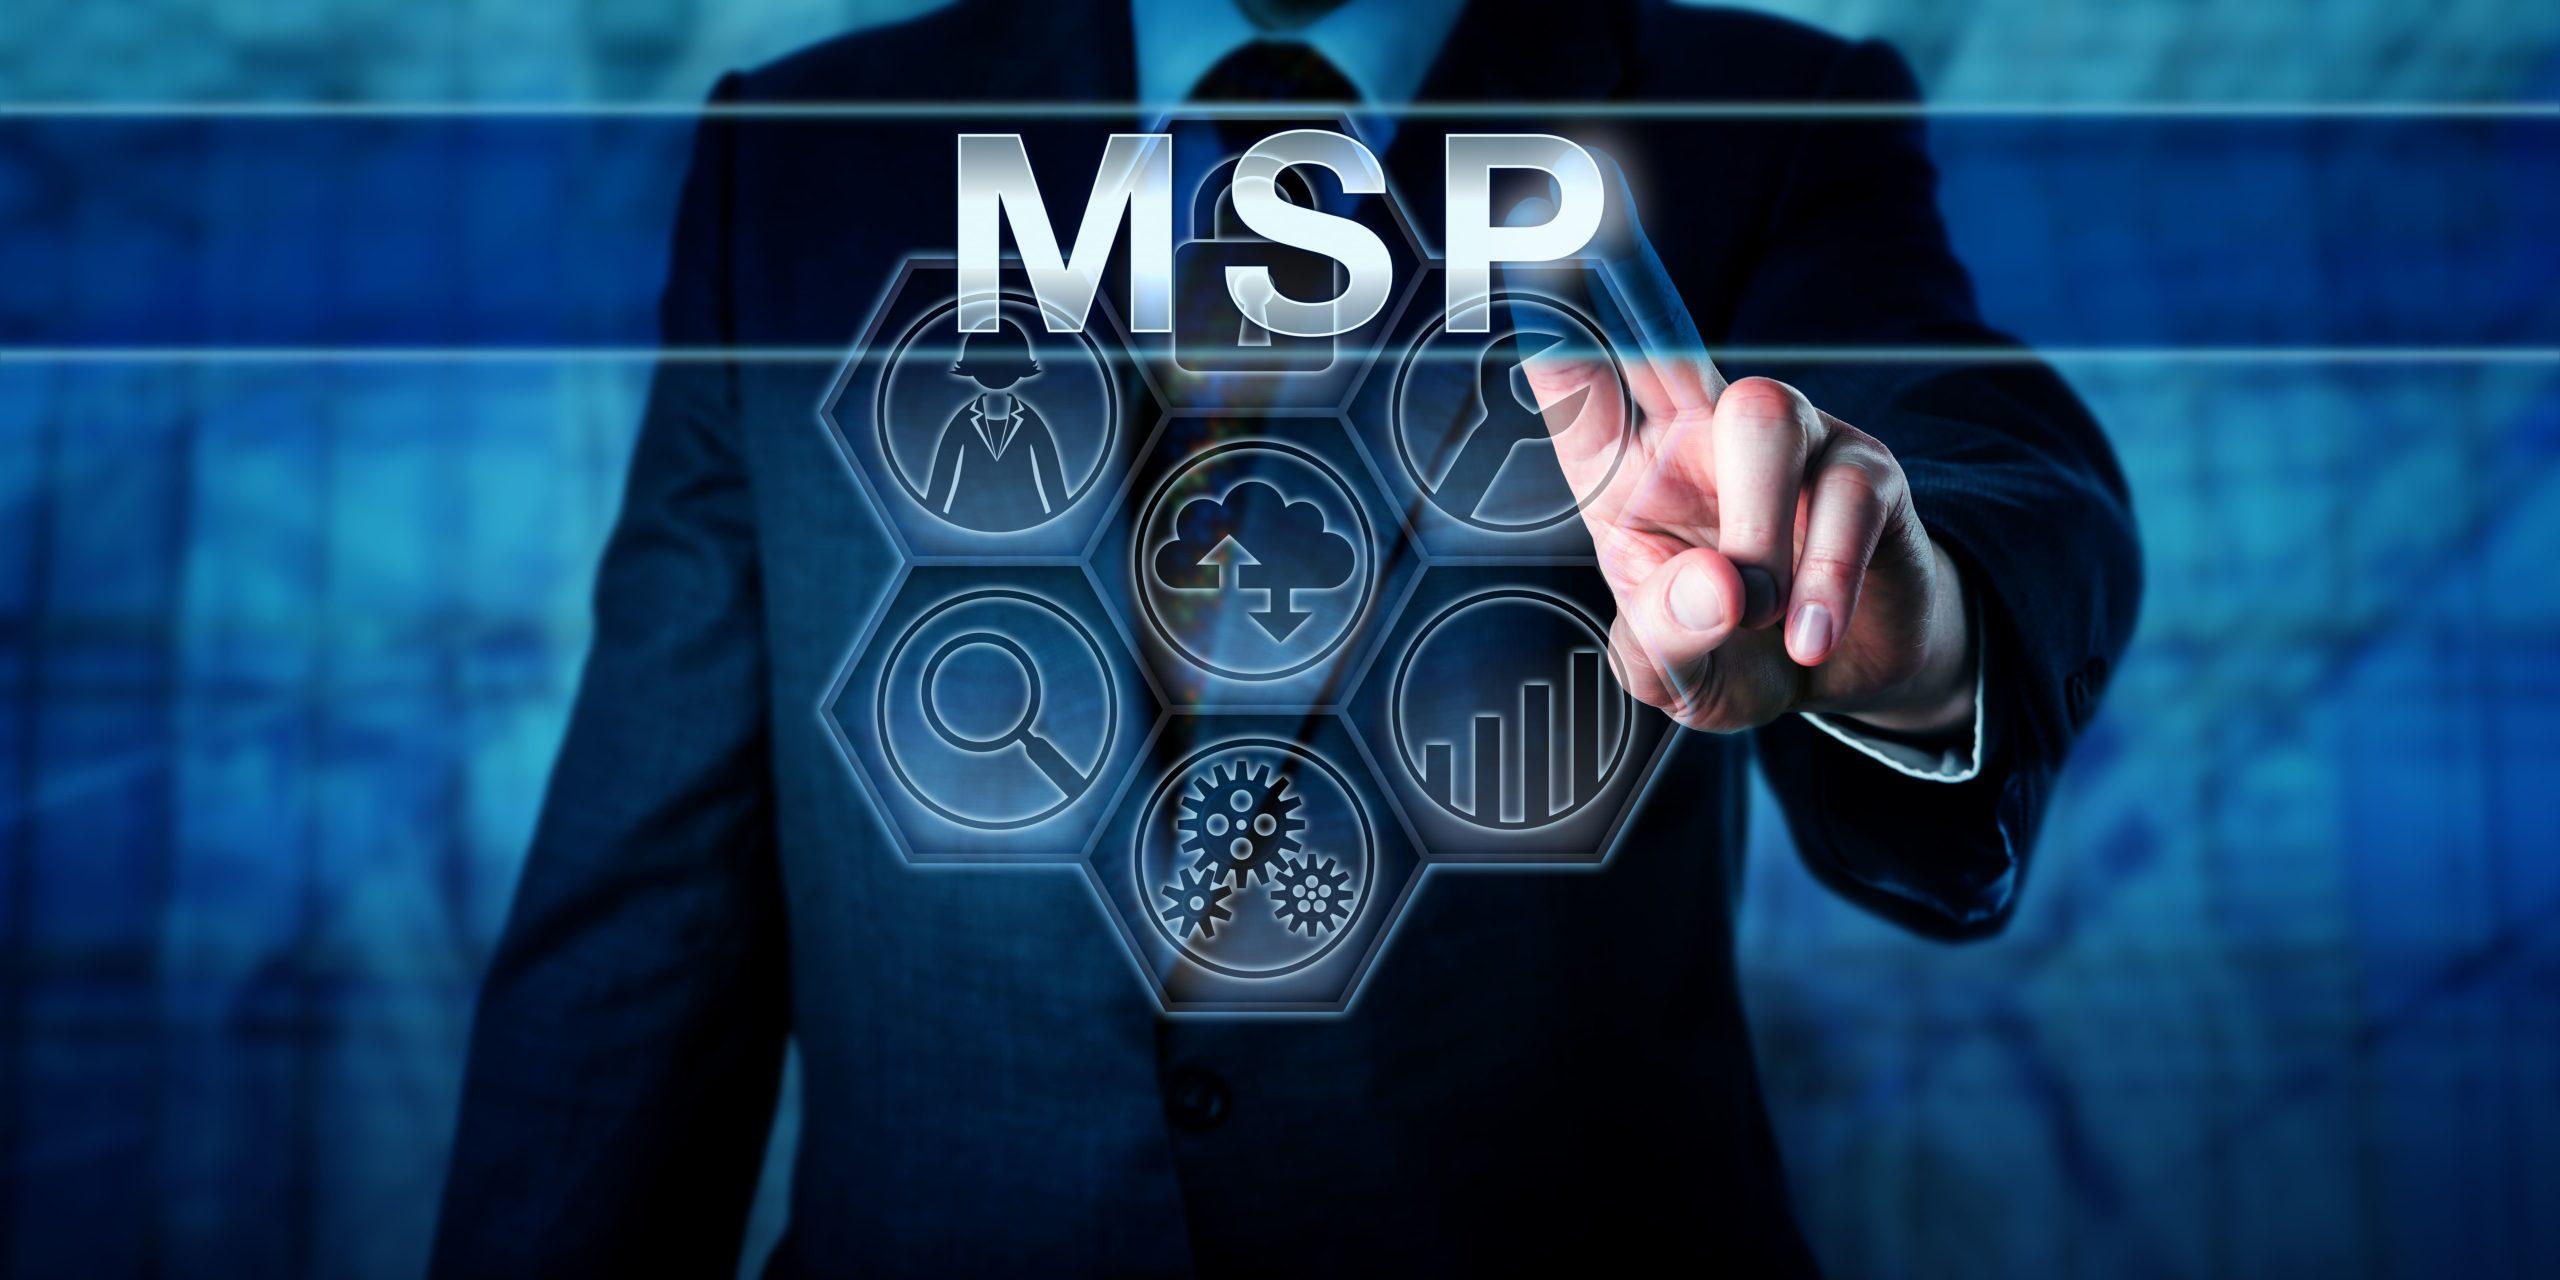 Qu'est ce qu'un fournisseur de services managés (MSP)